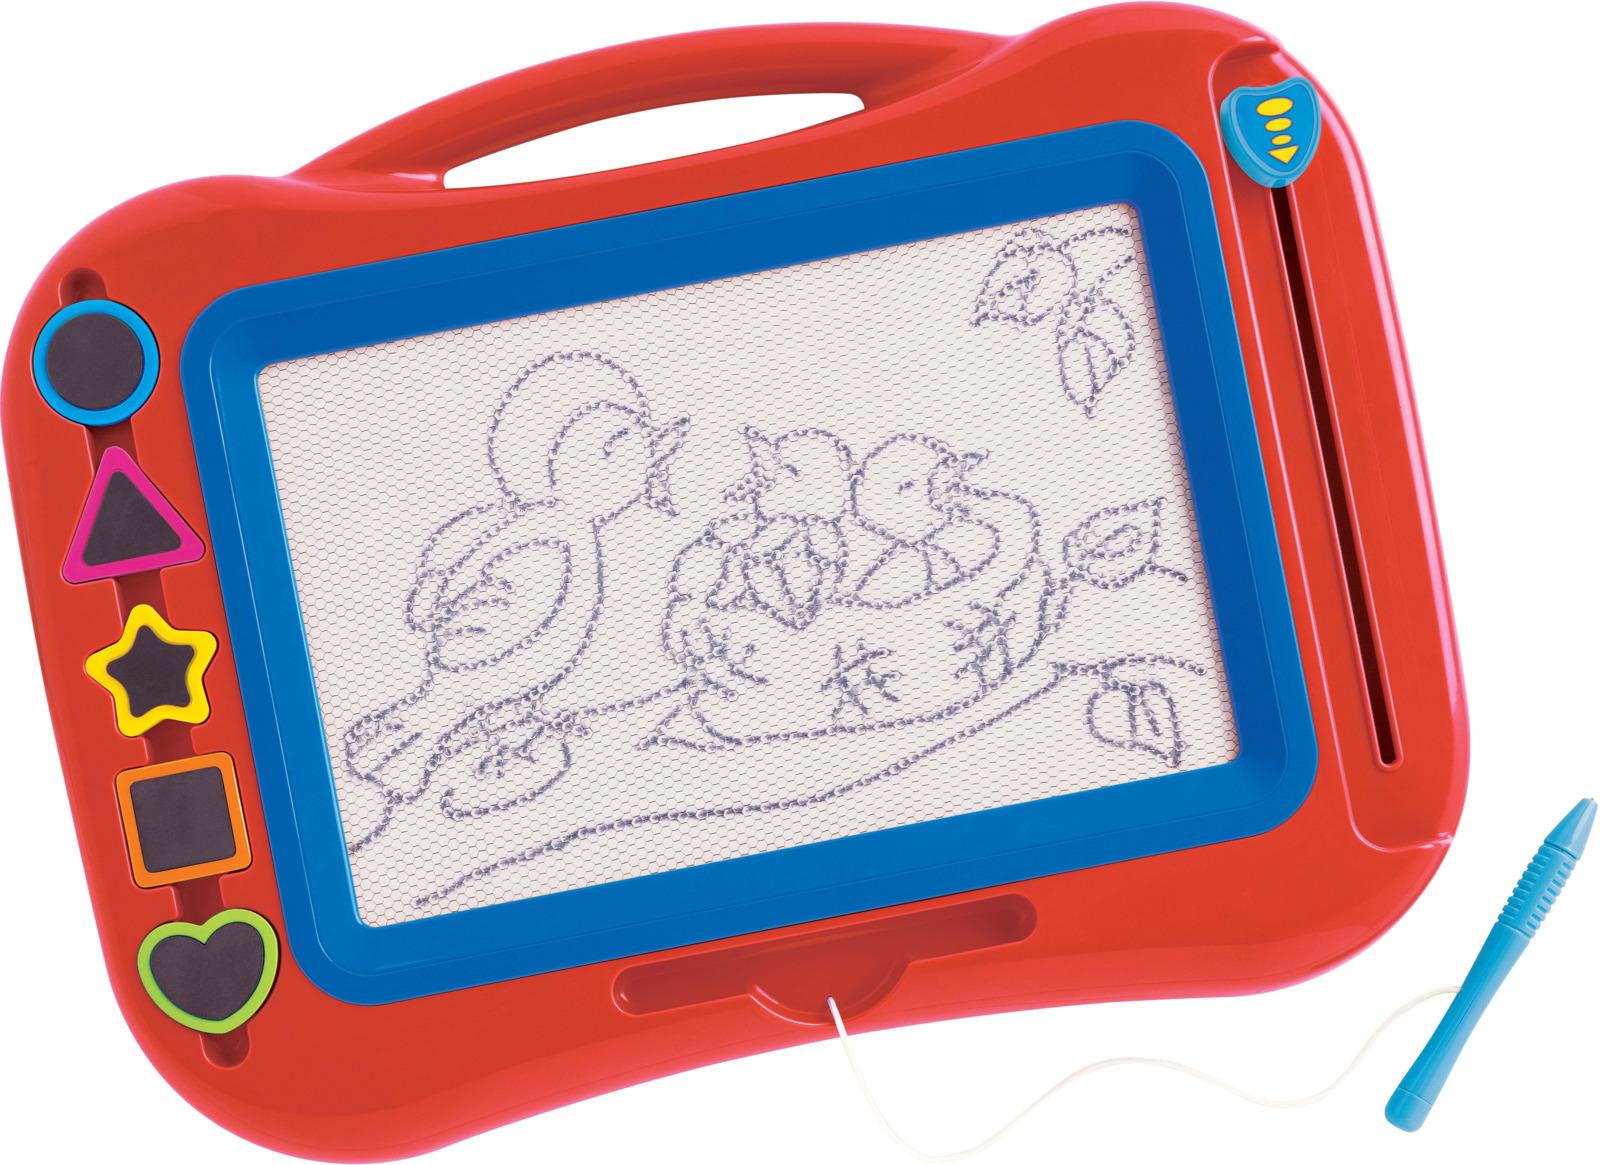 Доска для рисования Red Box, 25102-1